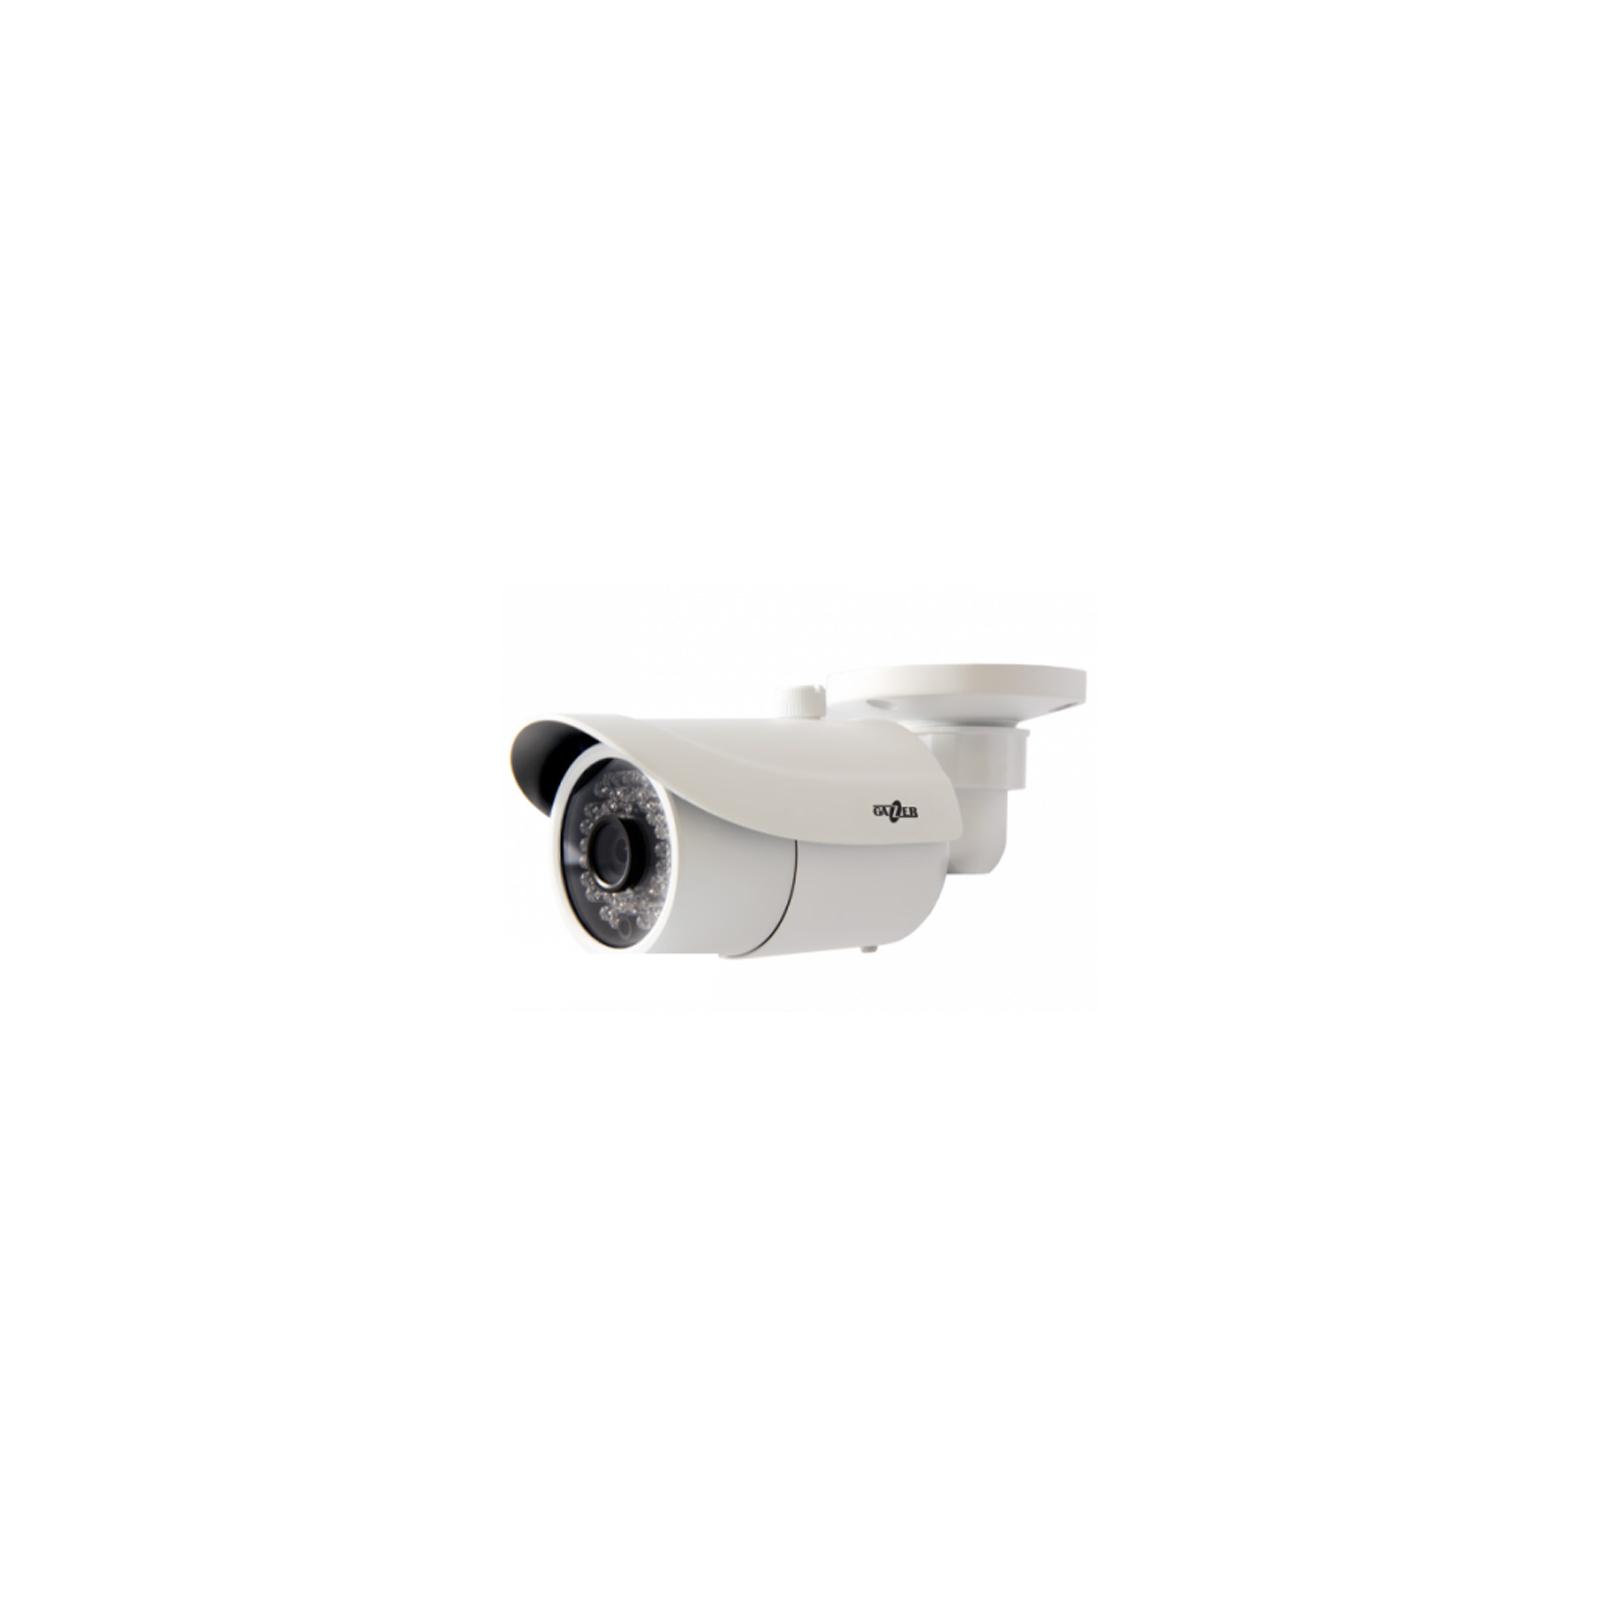 Камера видеонаблюдения Gazer SVC CI202/4 (CI202/4)